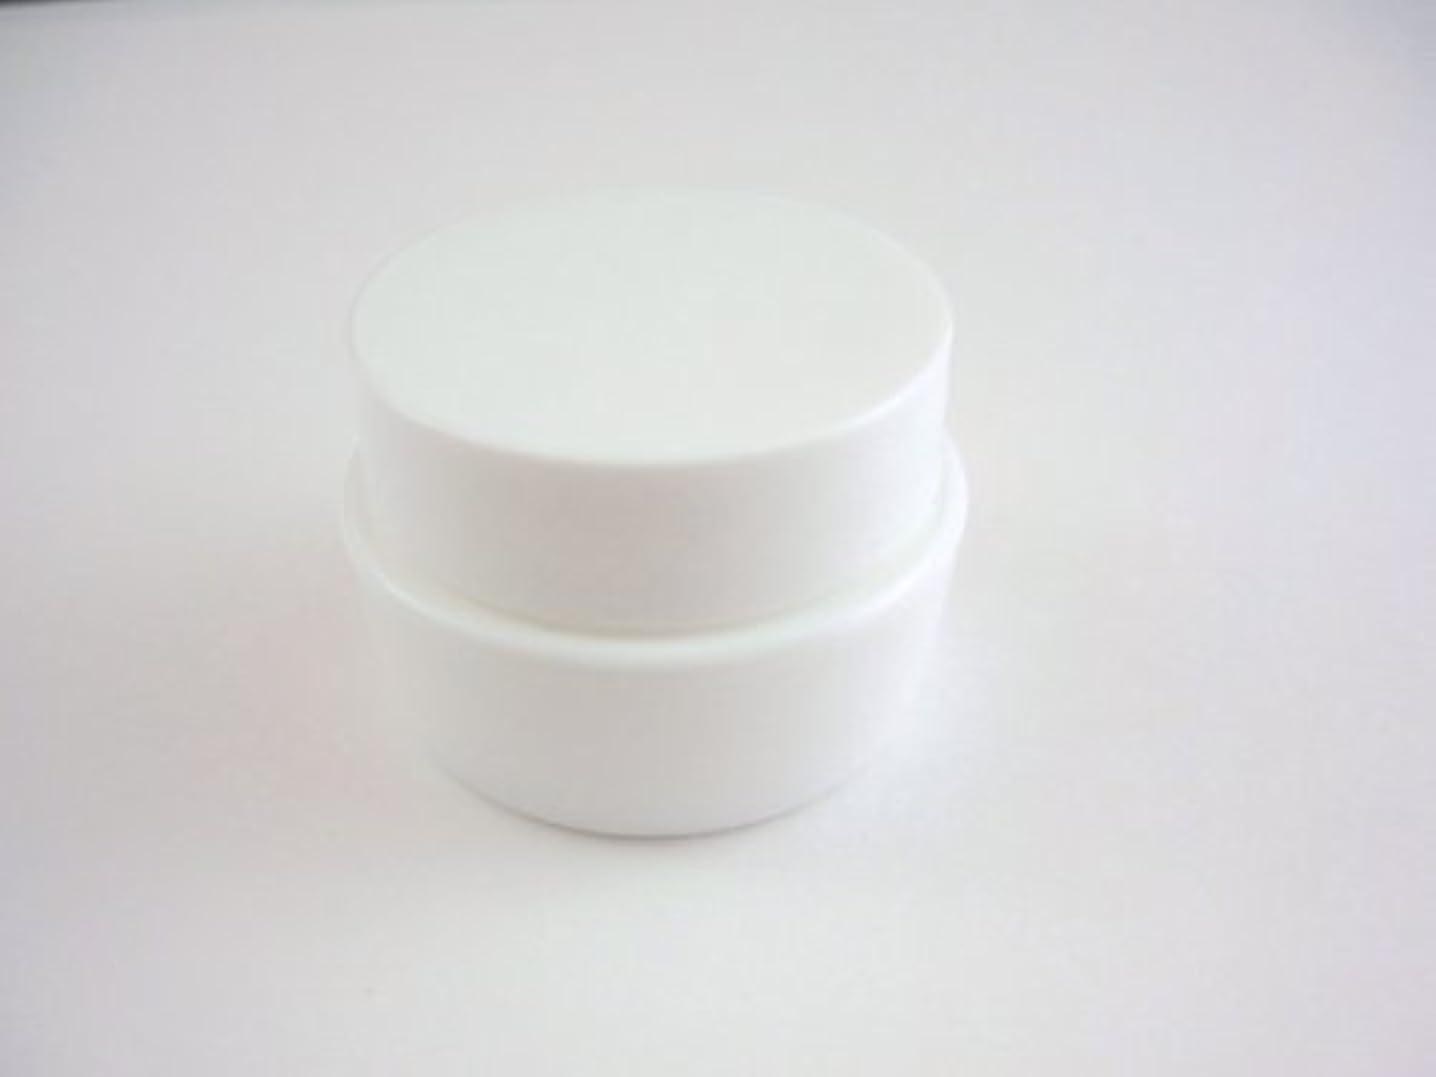 新鮮な結晶恐ろしいですジェル空容器 3ml   ホワイト 10個セット